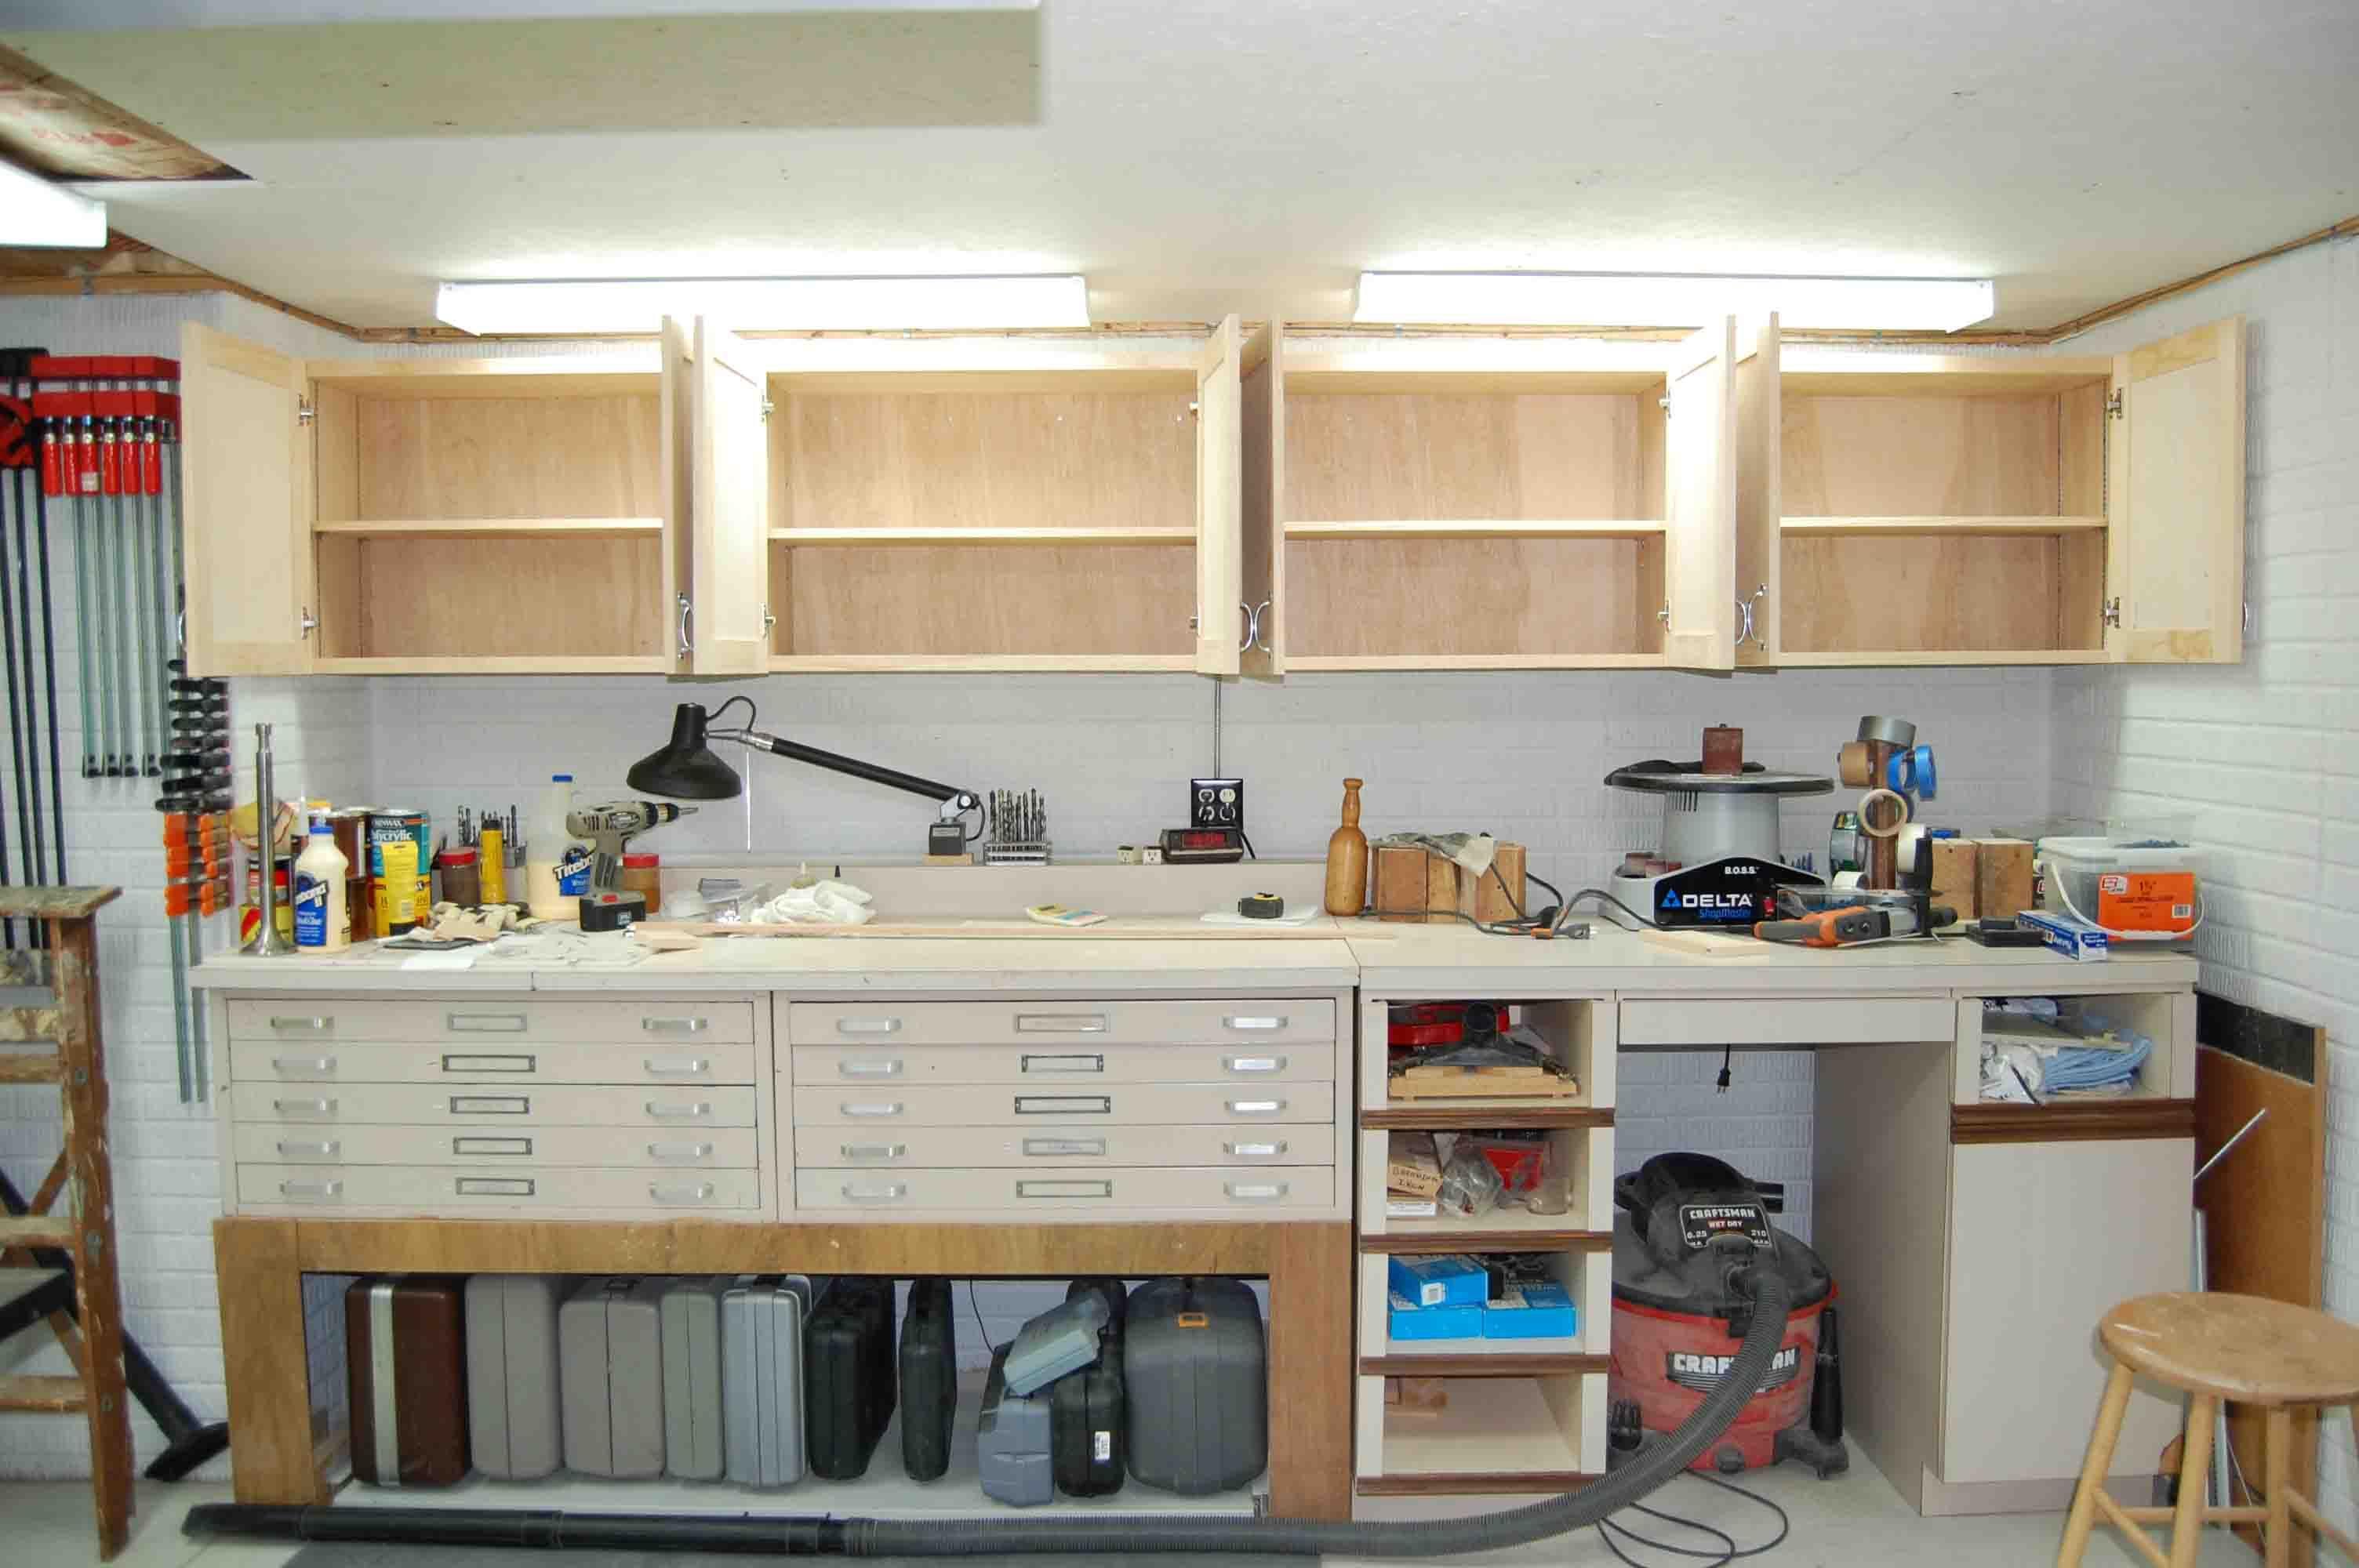 Workshop Cabinets   Handyman Club Of America   Handyman Forums | DIY  Message Board | Home